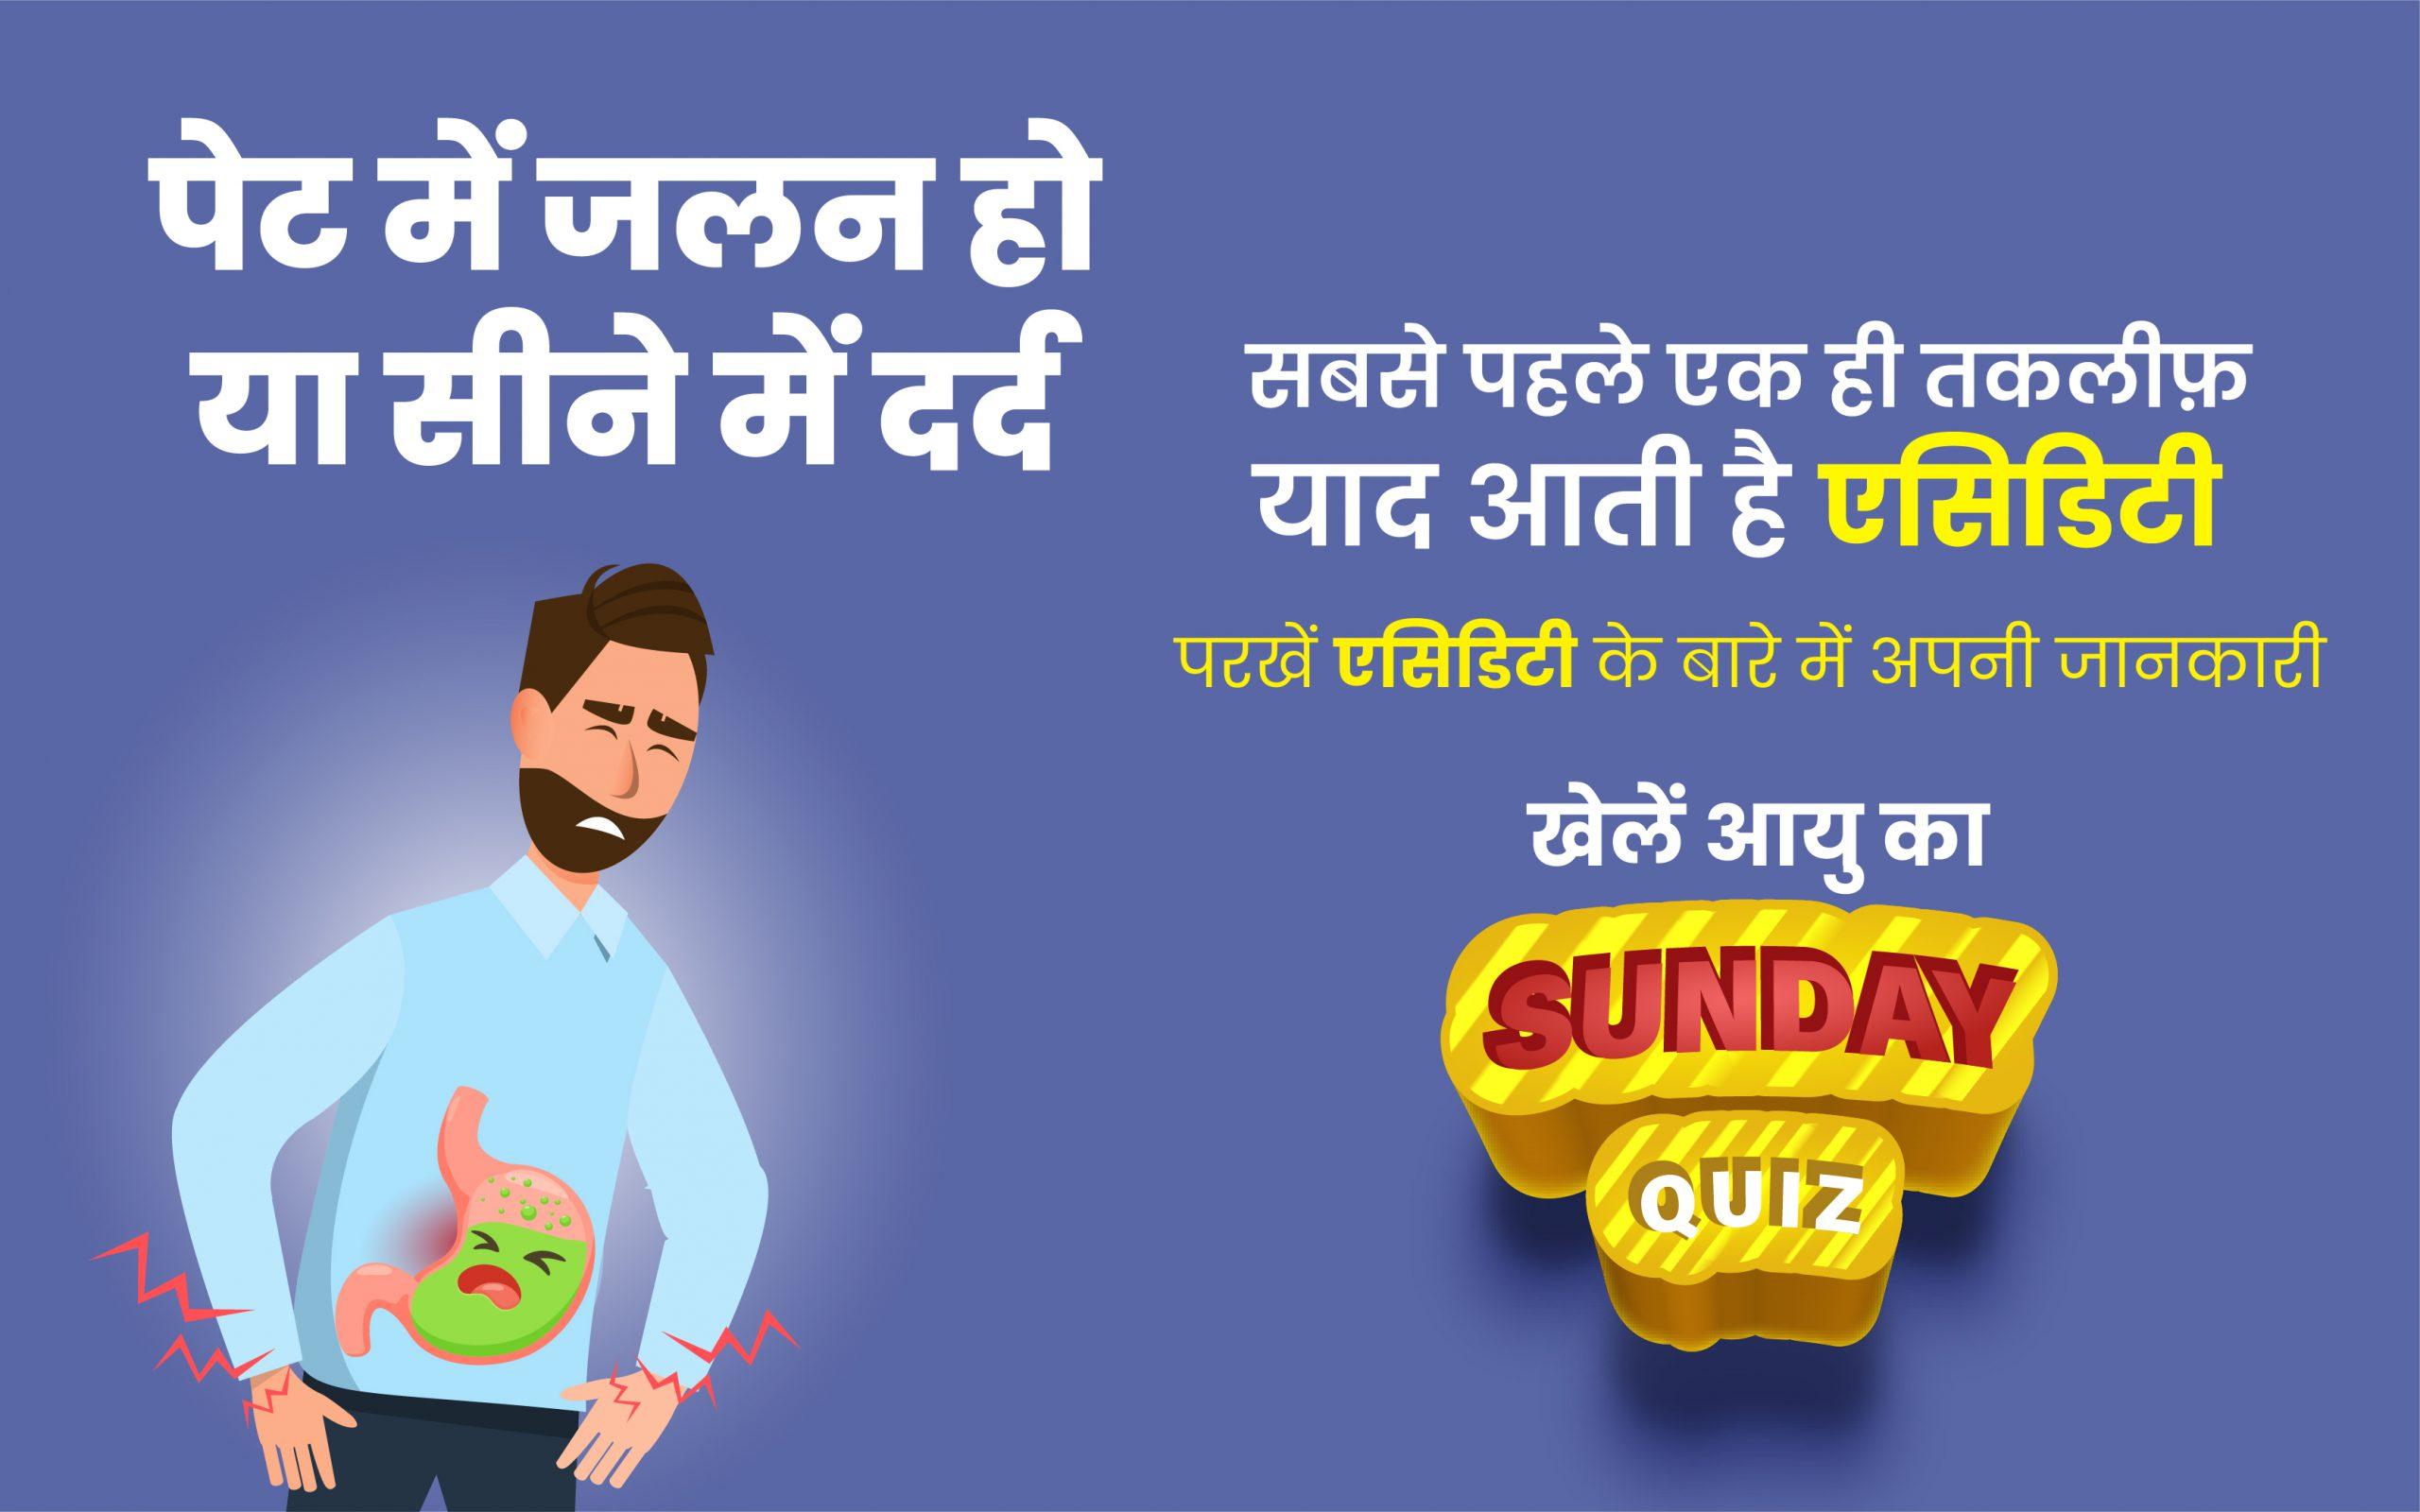 Quiz of the week On Aayu App: खेलें आयु का संड़े क्विज और जांचे एसिडिटी पर आपकी जानकारी